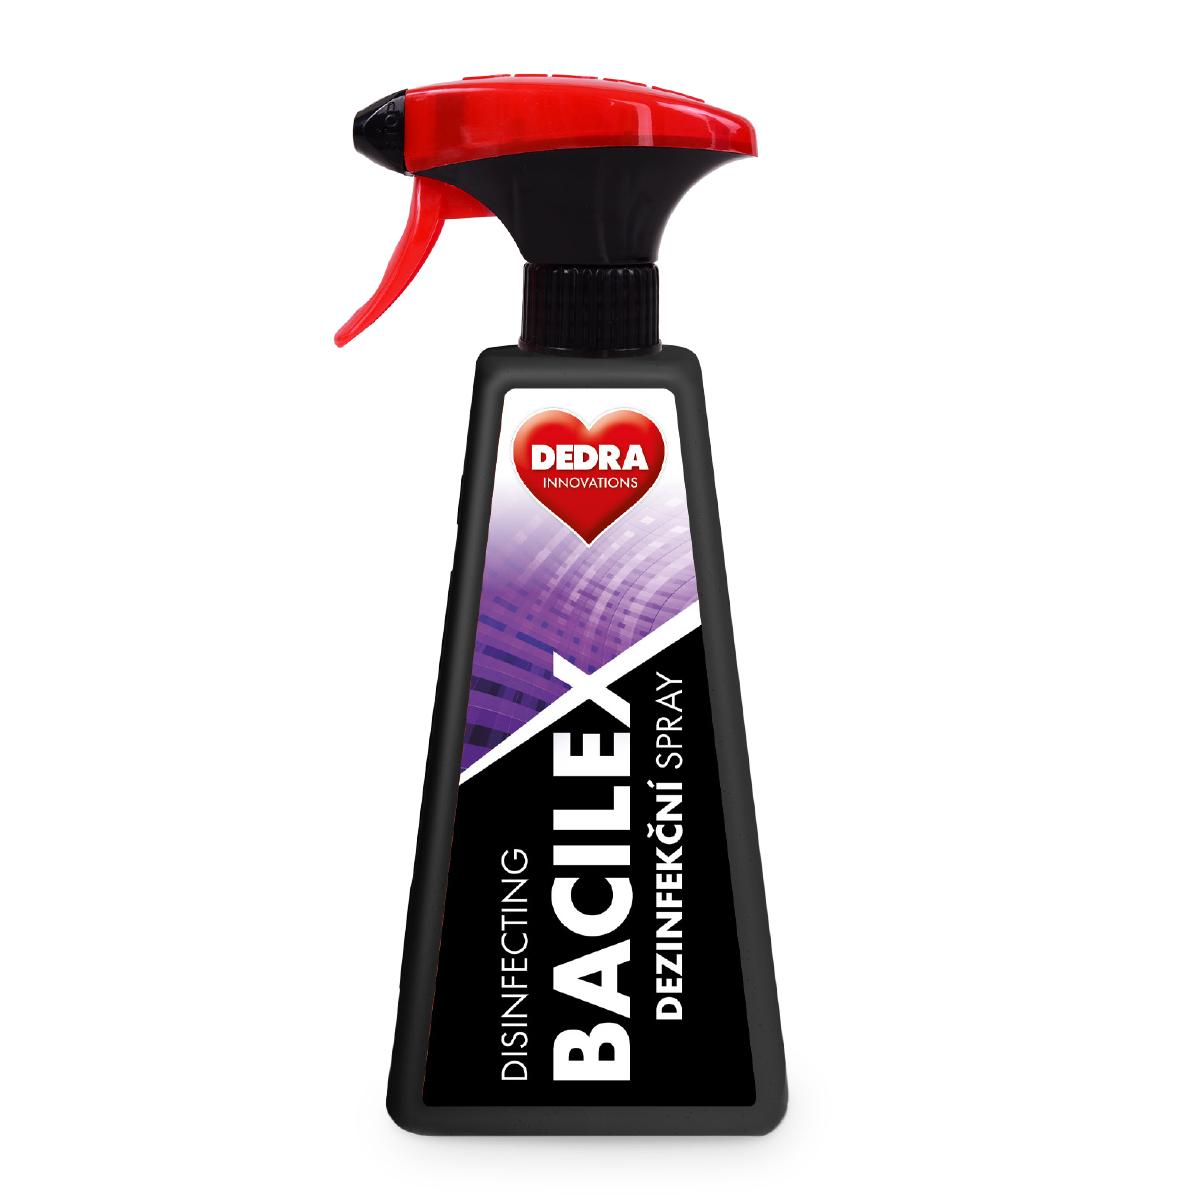 Dezinfekční spray na hladké povrchy, 71 % alkoholu, BACILEX® DISINFECTING SPRAY